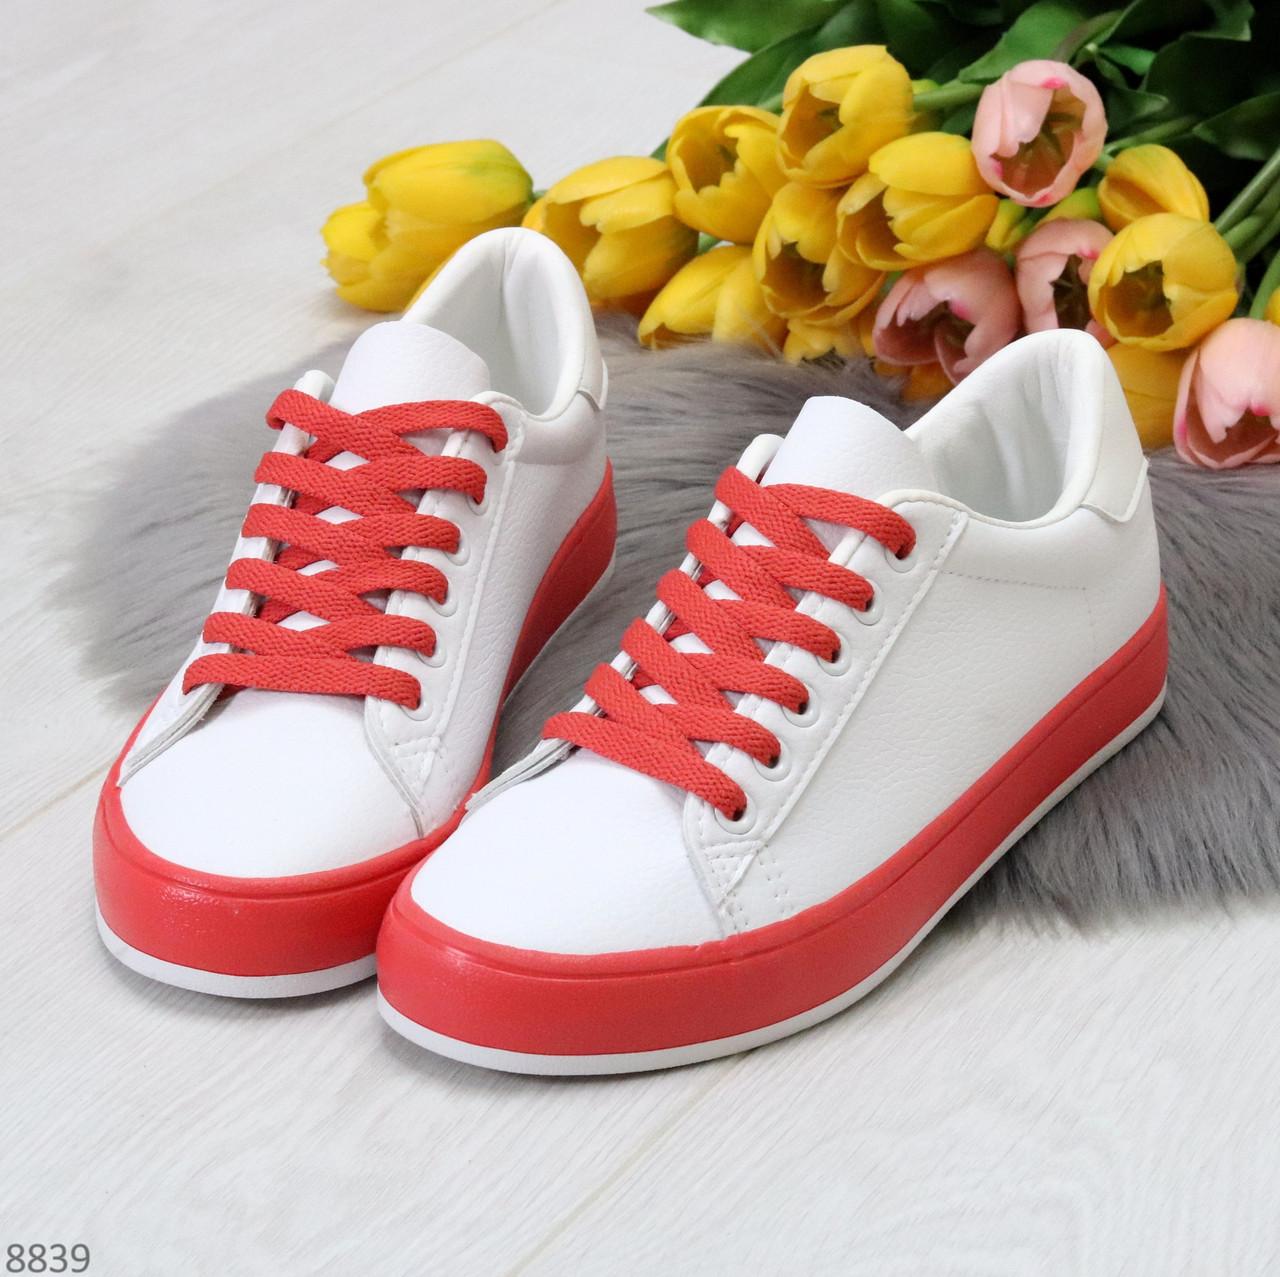 Актуальные яркие белые красные женские кеды шнуровка на весну 2021